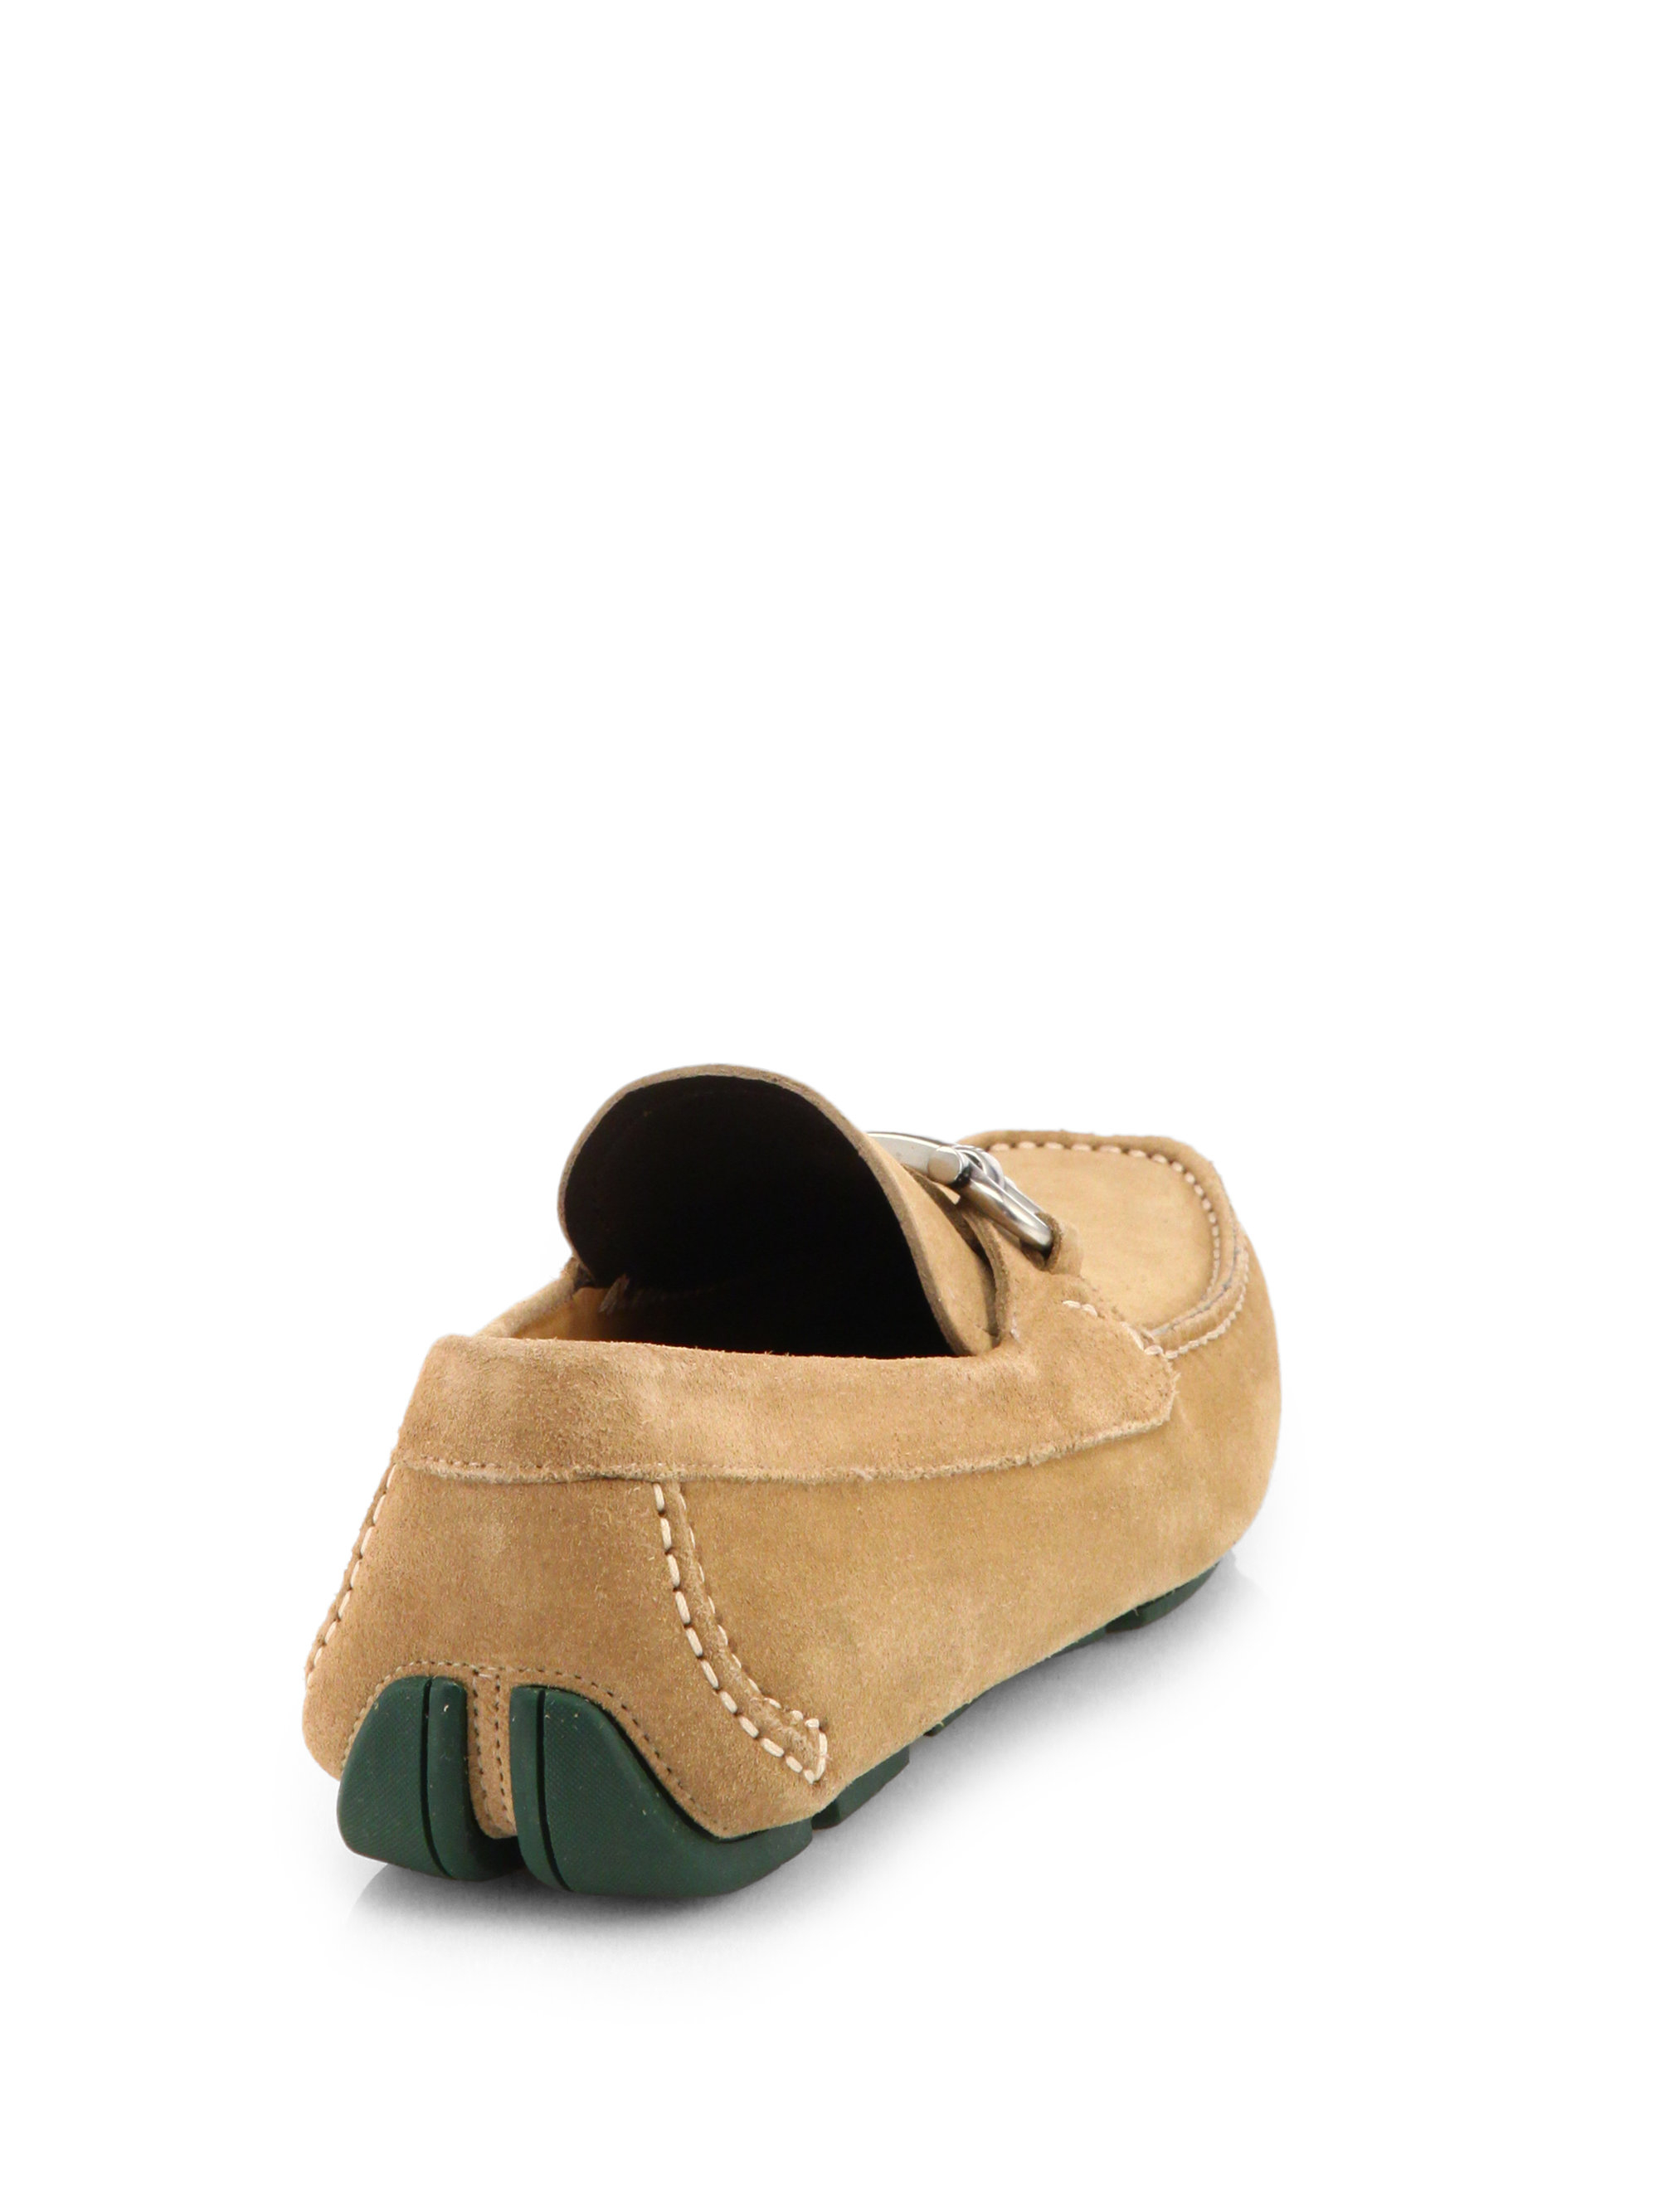 987267806e6e4 Ferragamo Brown Shoes For Lyst Men In Mens wRdwIq